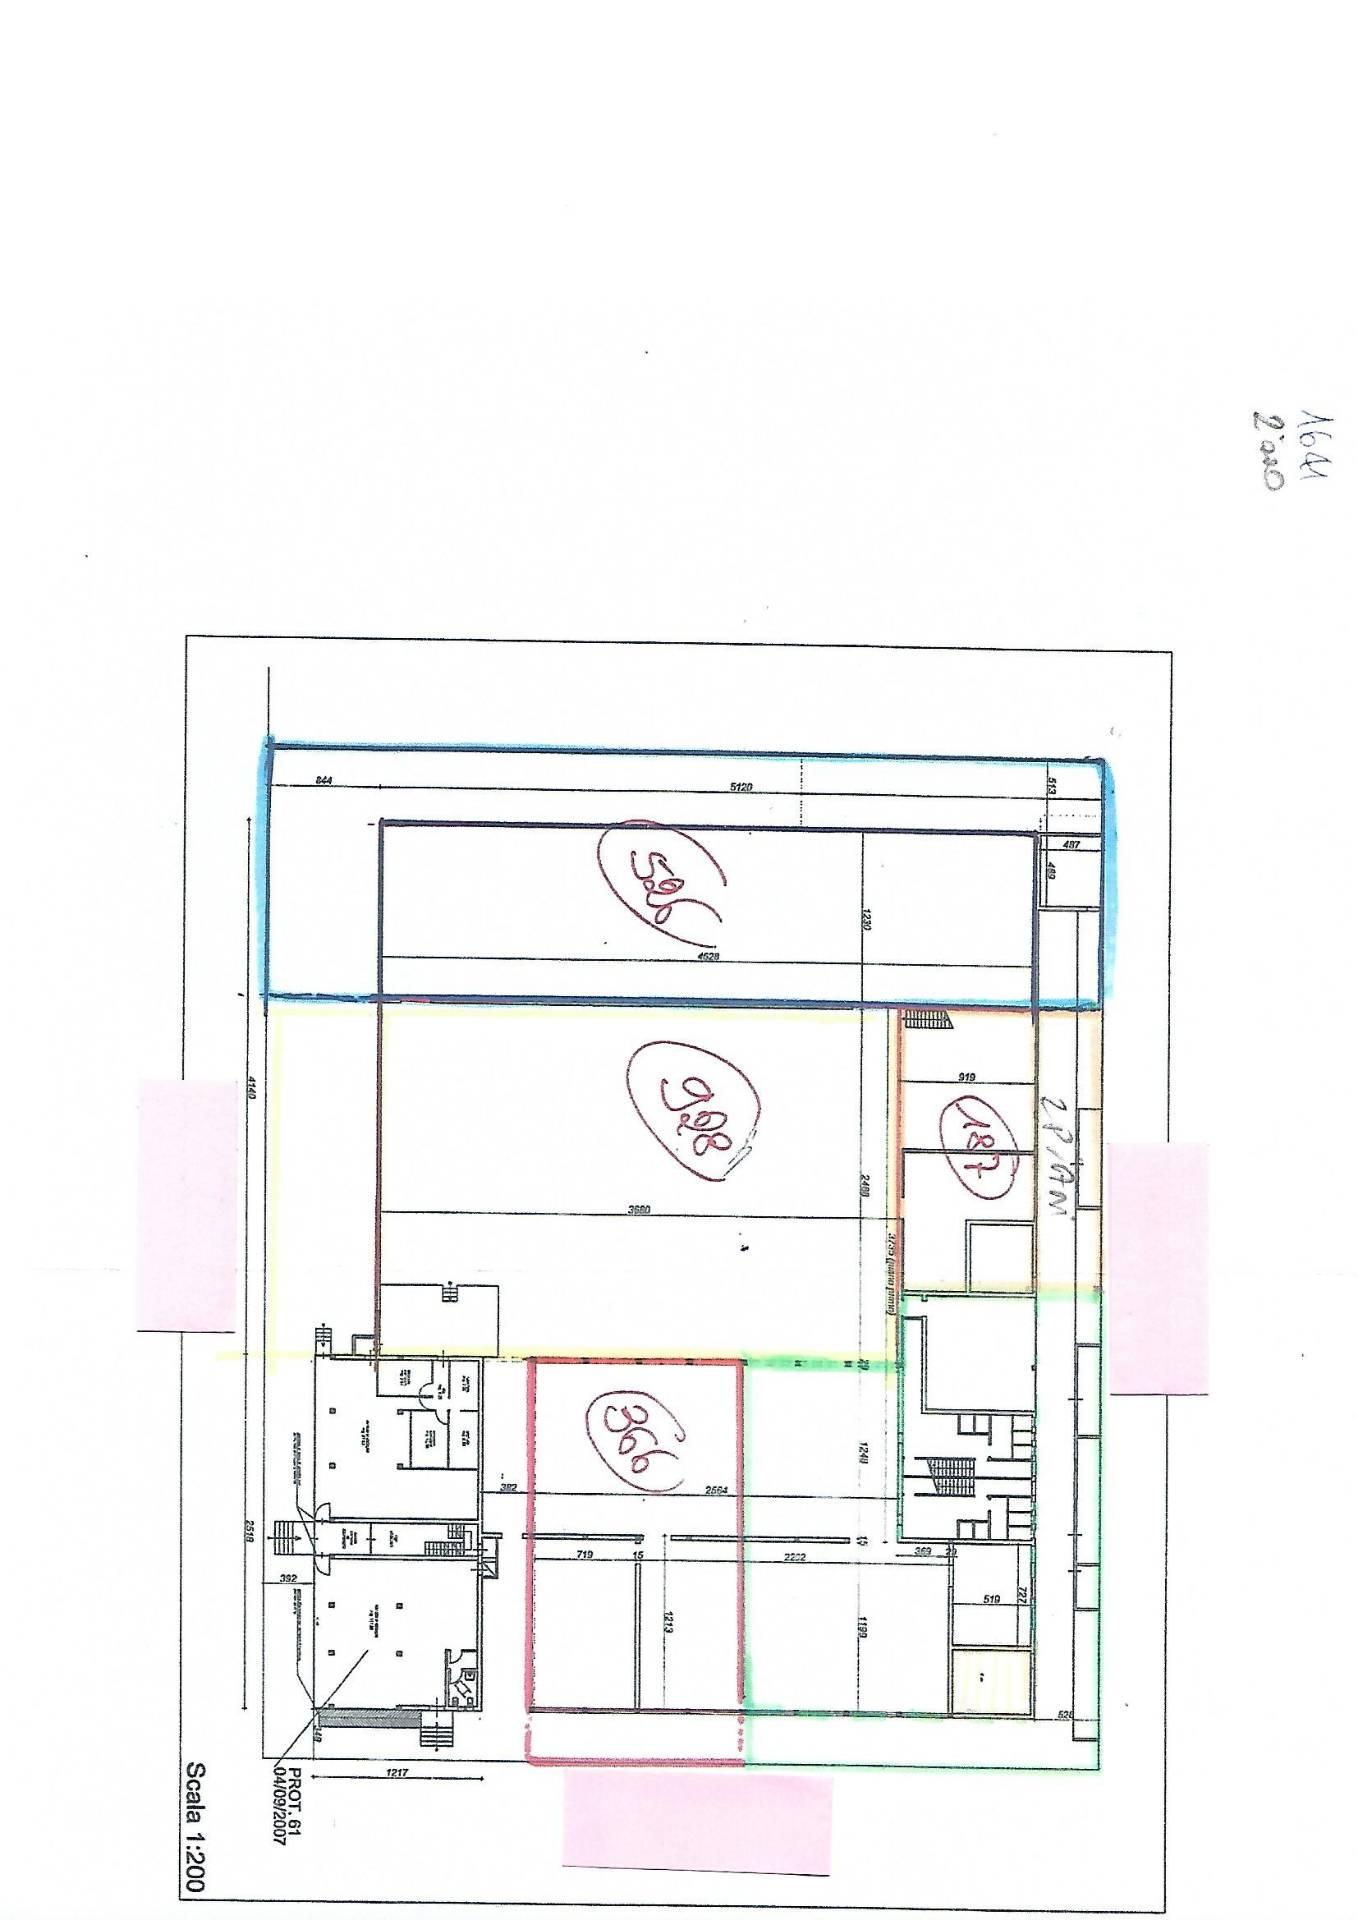 Capannone in vendita a Faenza, 9999 locali, prezzo € 650.000 | Cambio Casa.it